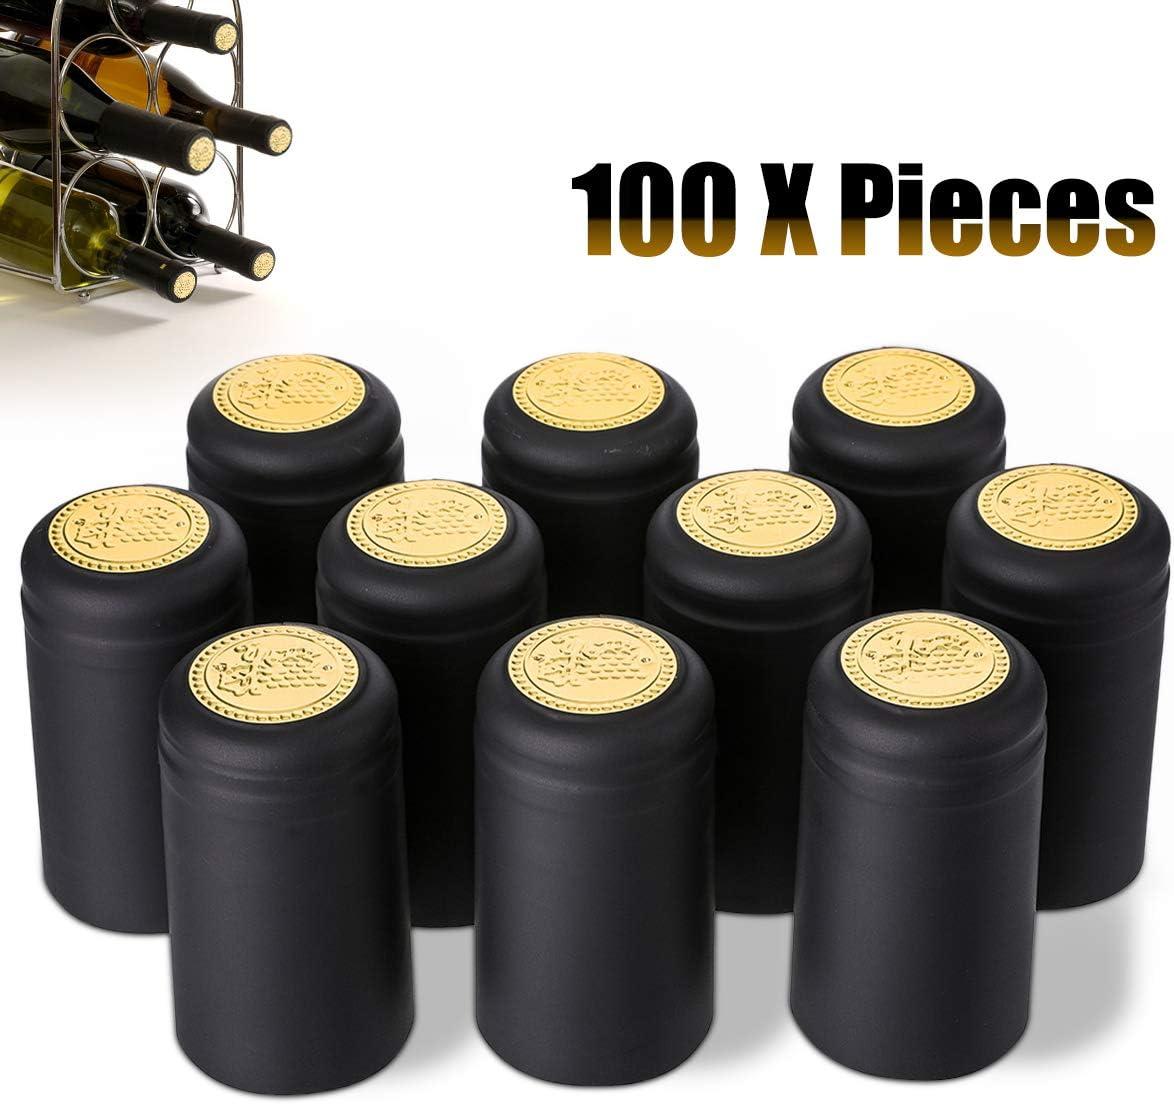 leicht Verschlie/ßen und Abrei/ßen mit Sollten Gold Rot und Schwarz Schwarz Janolia Wein Flasche Kappen Tab 100/pcs Schrumpfschlauch Wein Flasche Kapseln Stopper